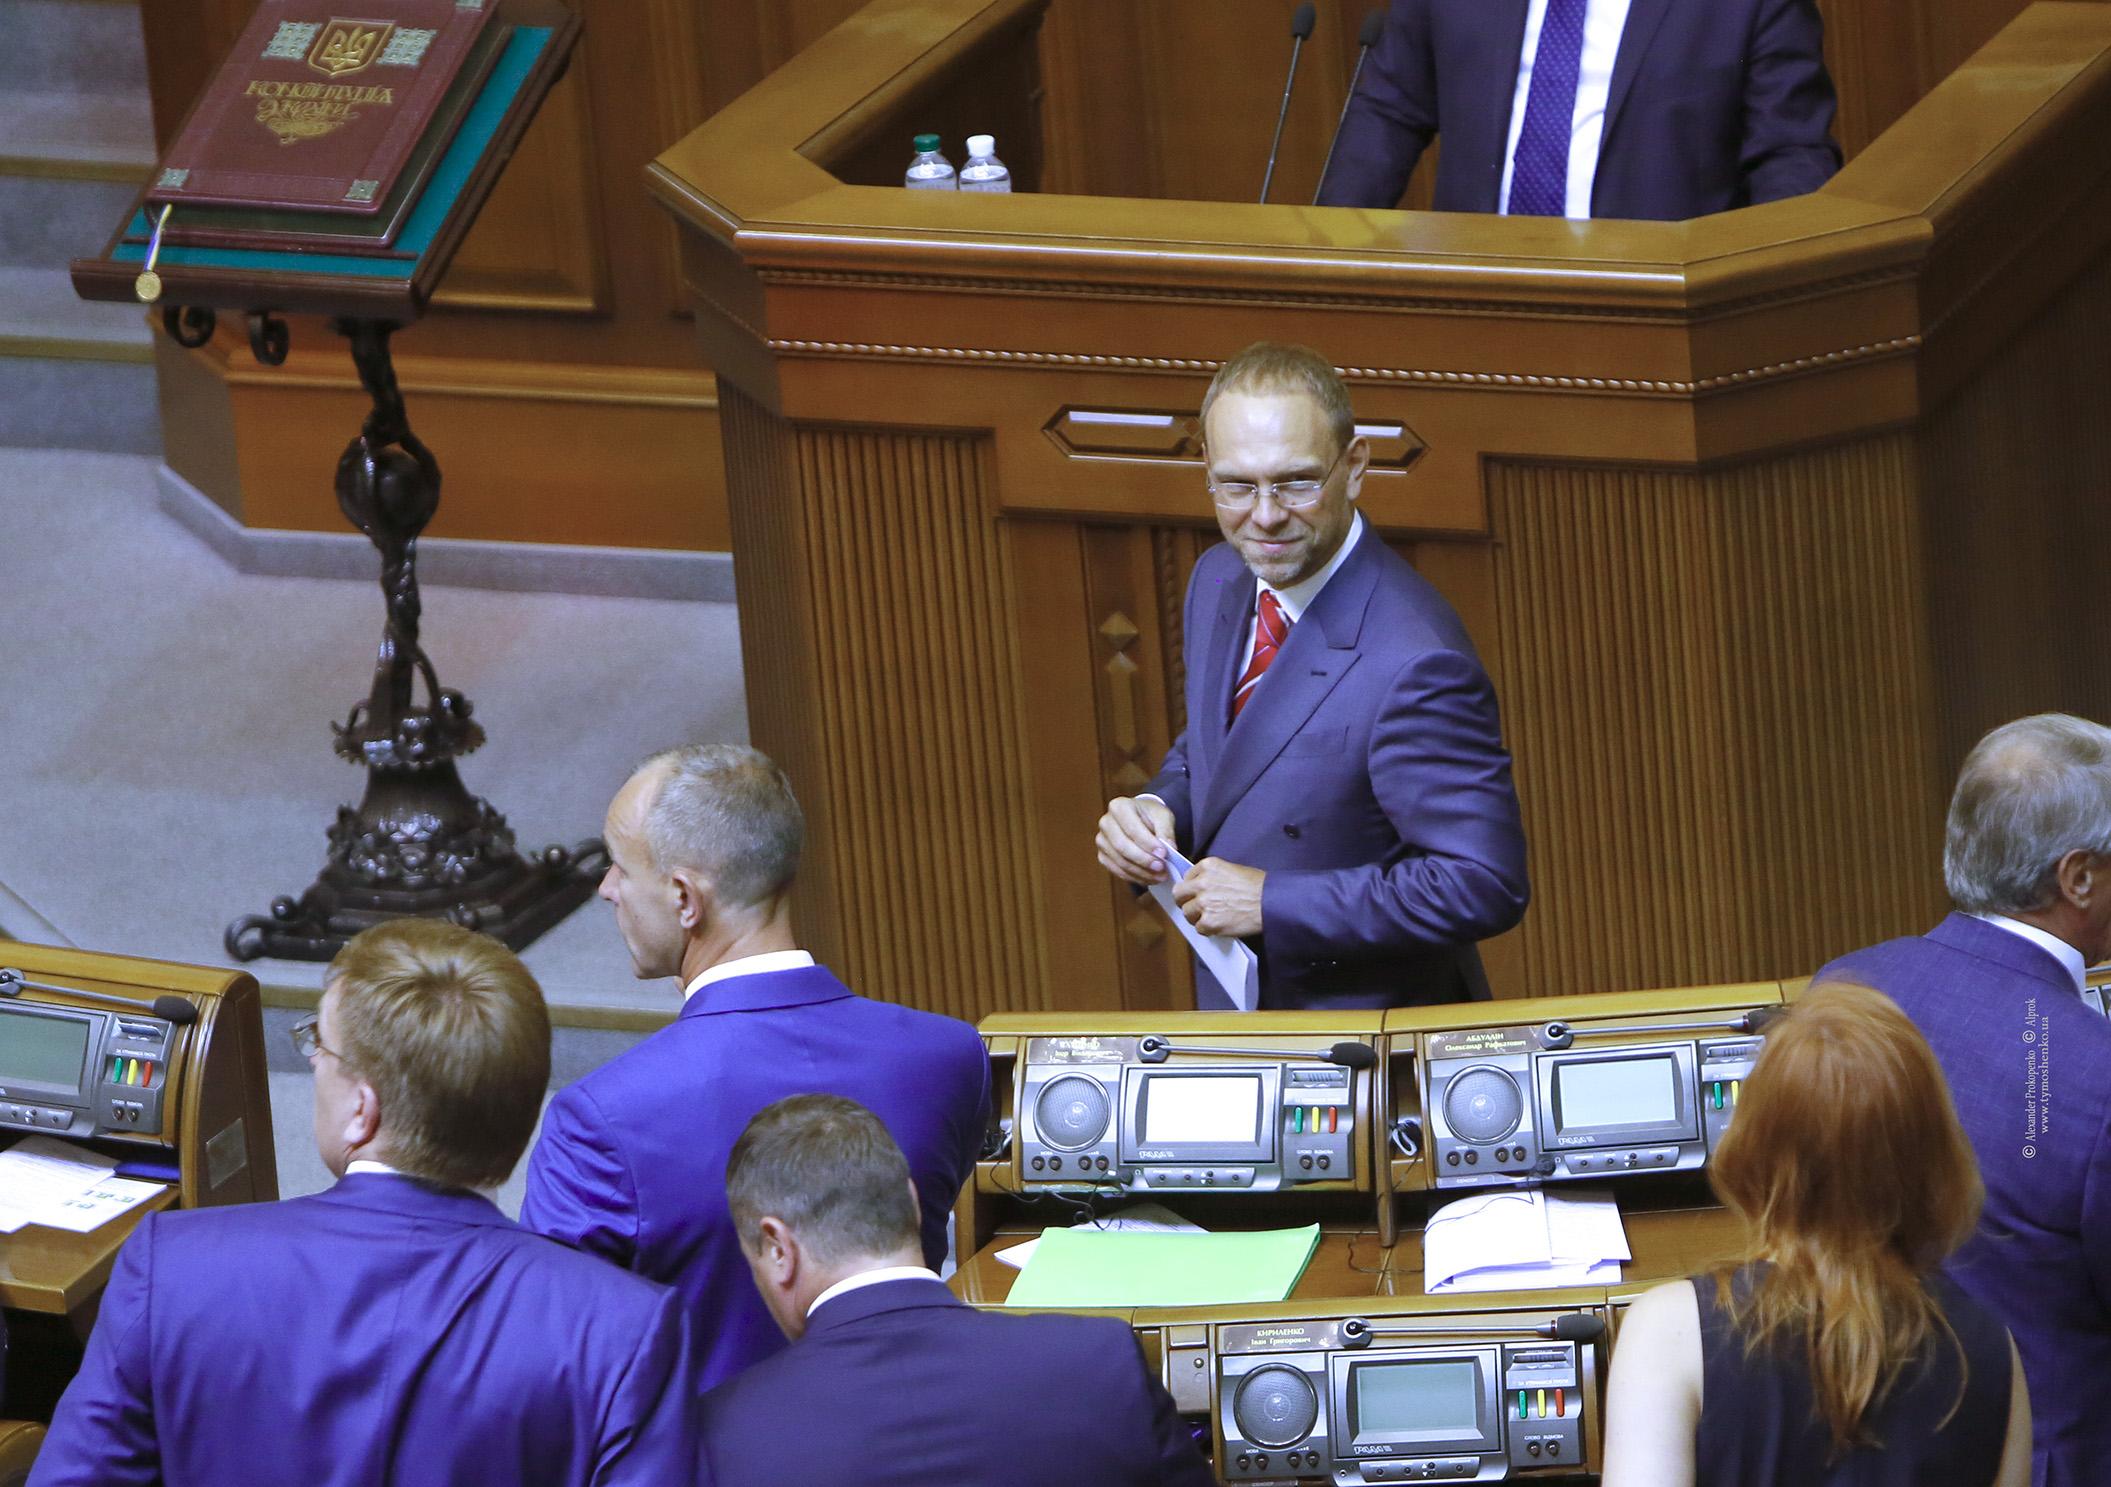 Сергей Власенко: Тимошенко выйдет во второй тур при любой погоде